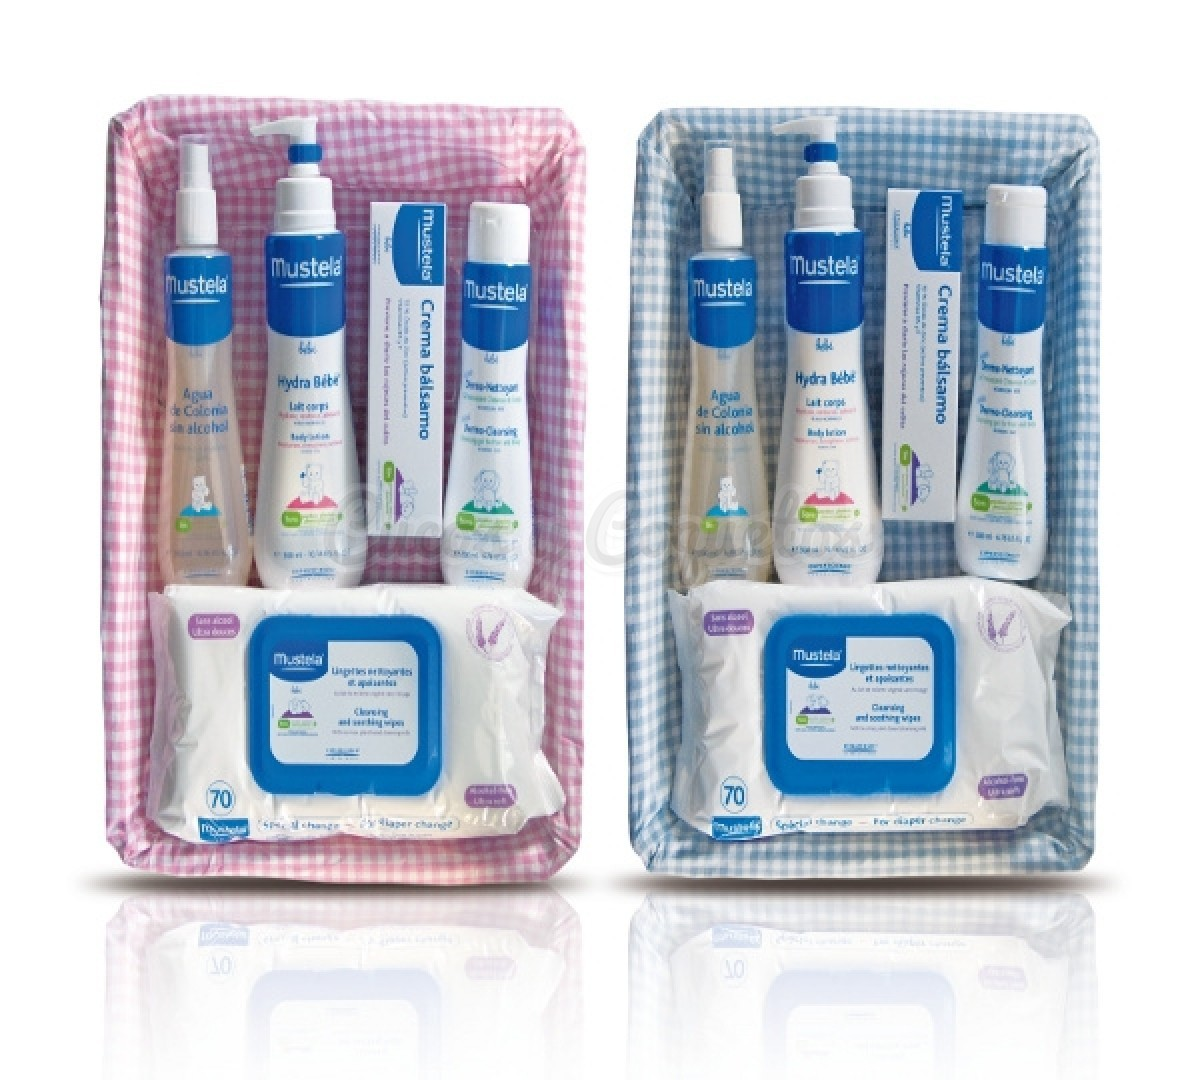 Canastillas iguales mustela aseo regalos para beb s canastillas personalizadas cucos y coquetos - Canastillas para bebes ...